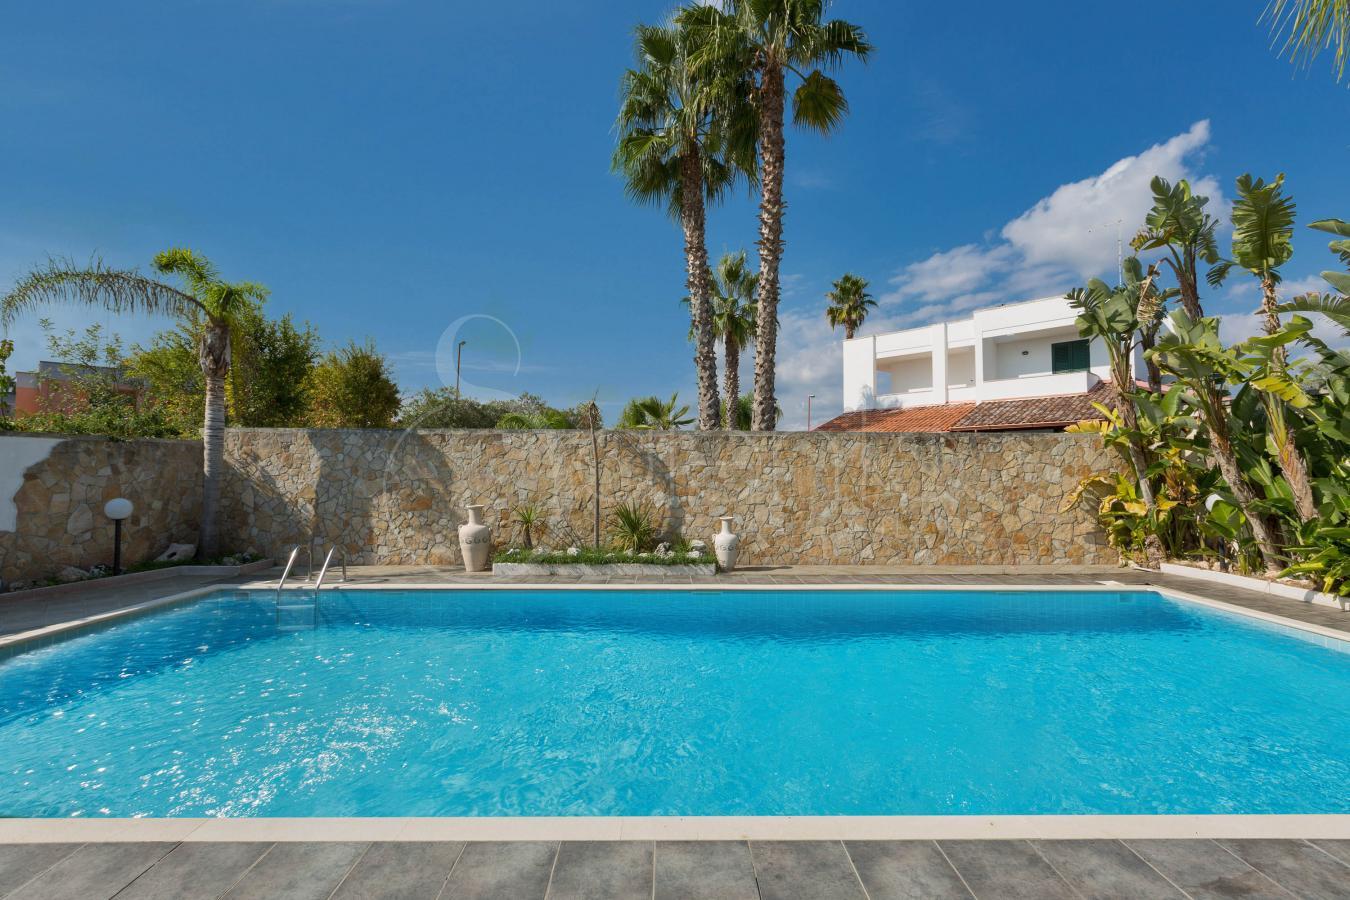 Villa con piscina per vacanze nel salento a torre dell - Villa con piscina salento ...